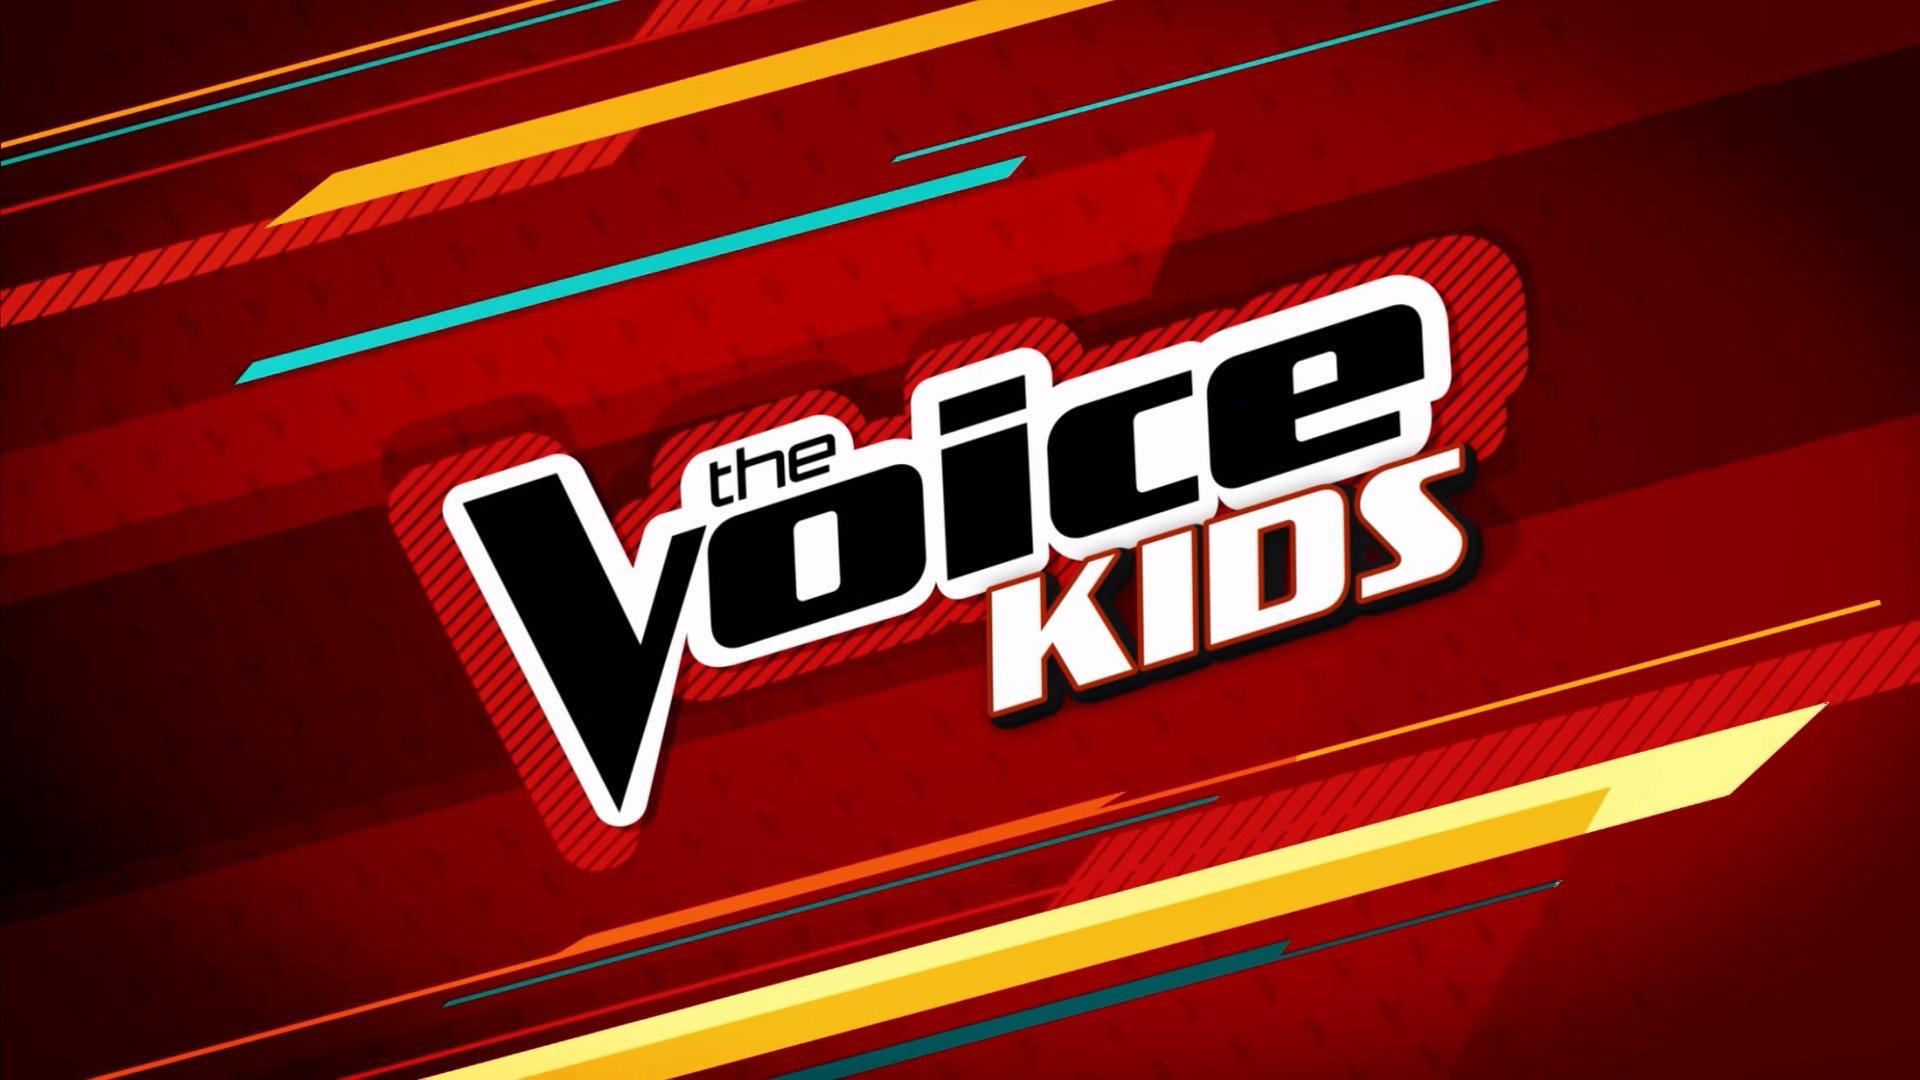 Resultado de imagem para The voice kids 2017